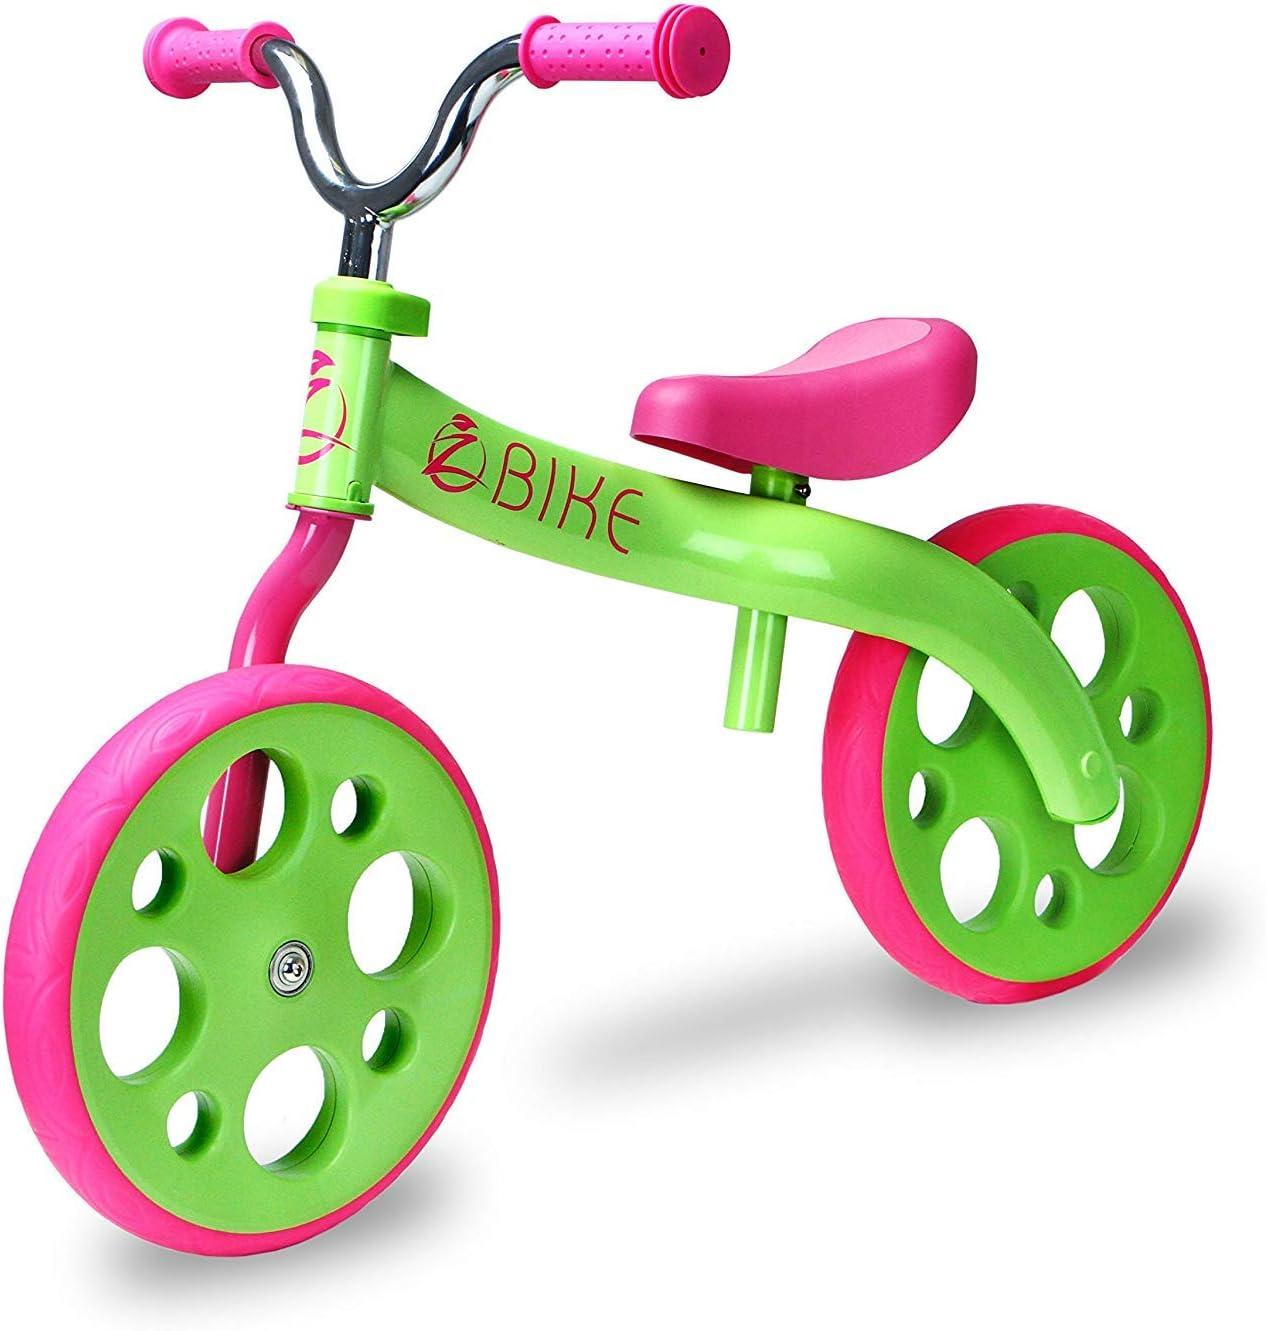 ZYCOM zbike Equilibrio Bike